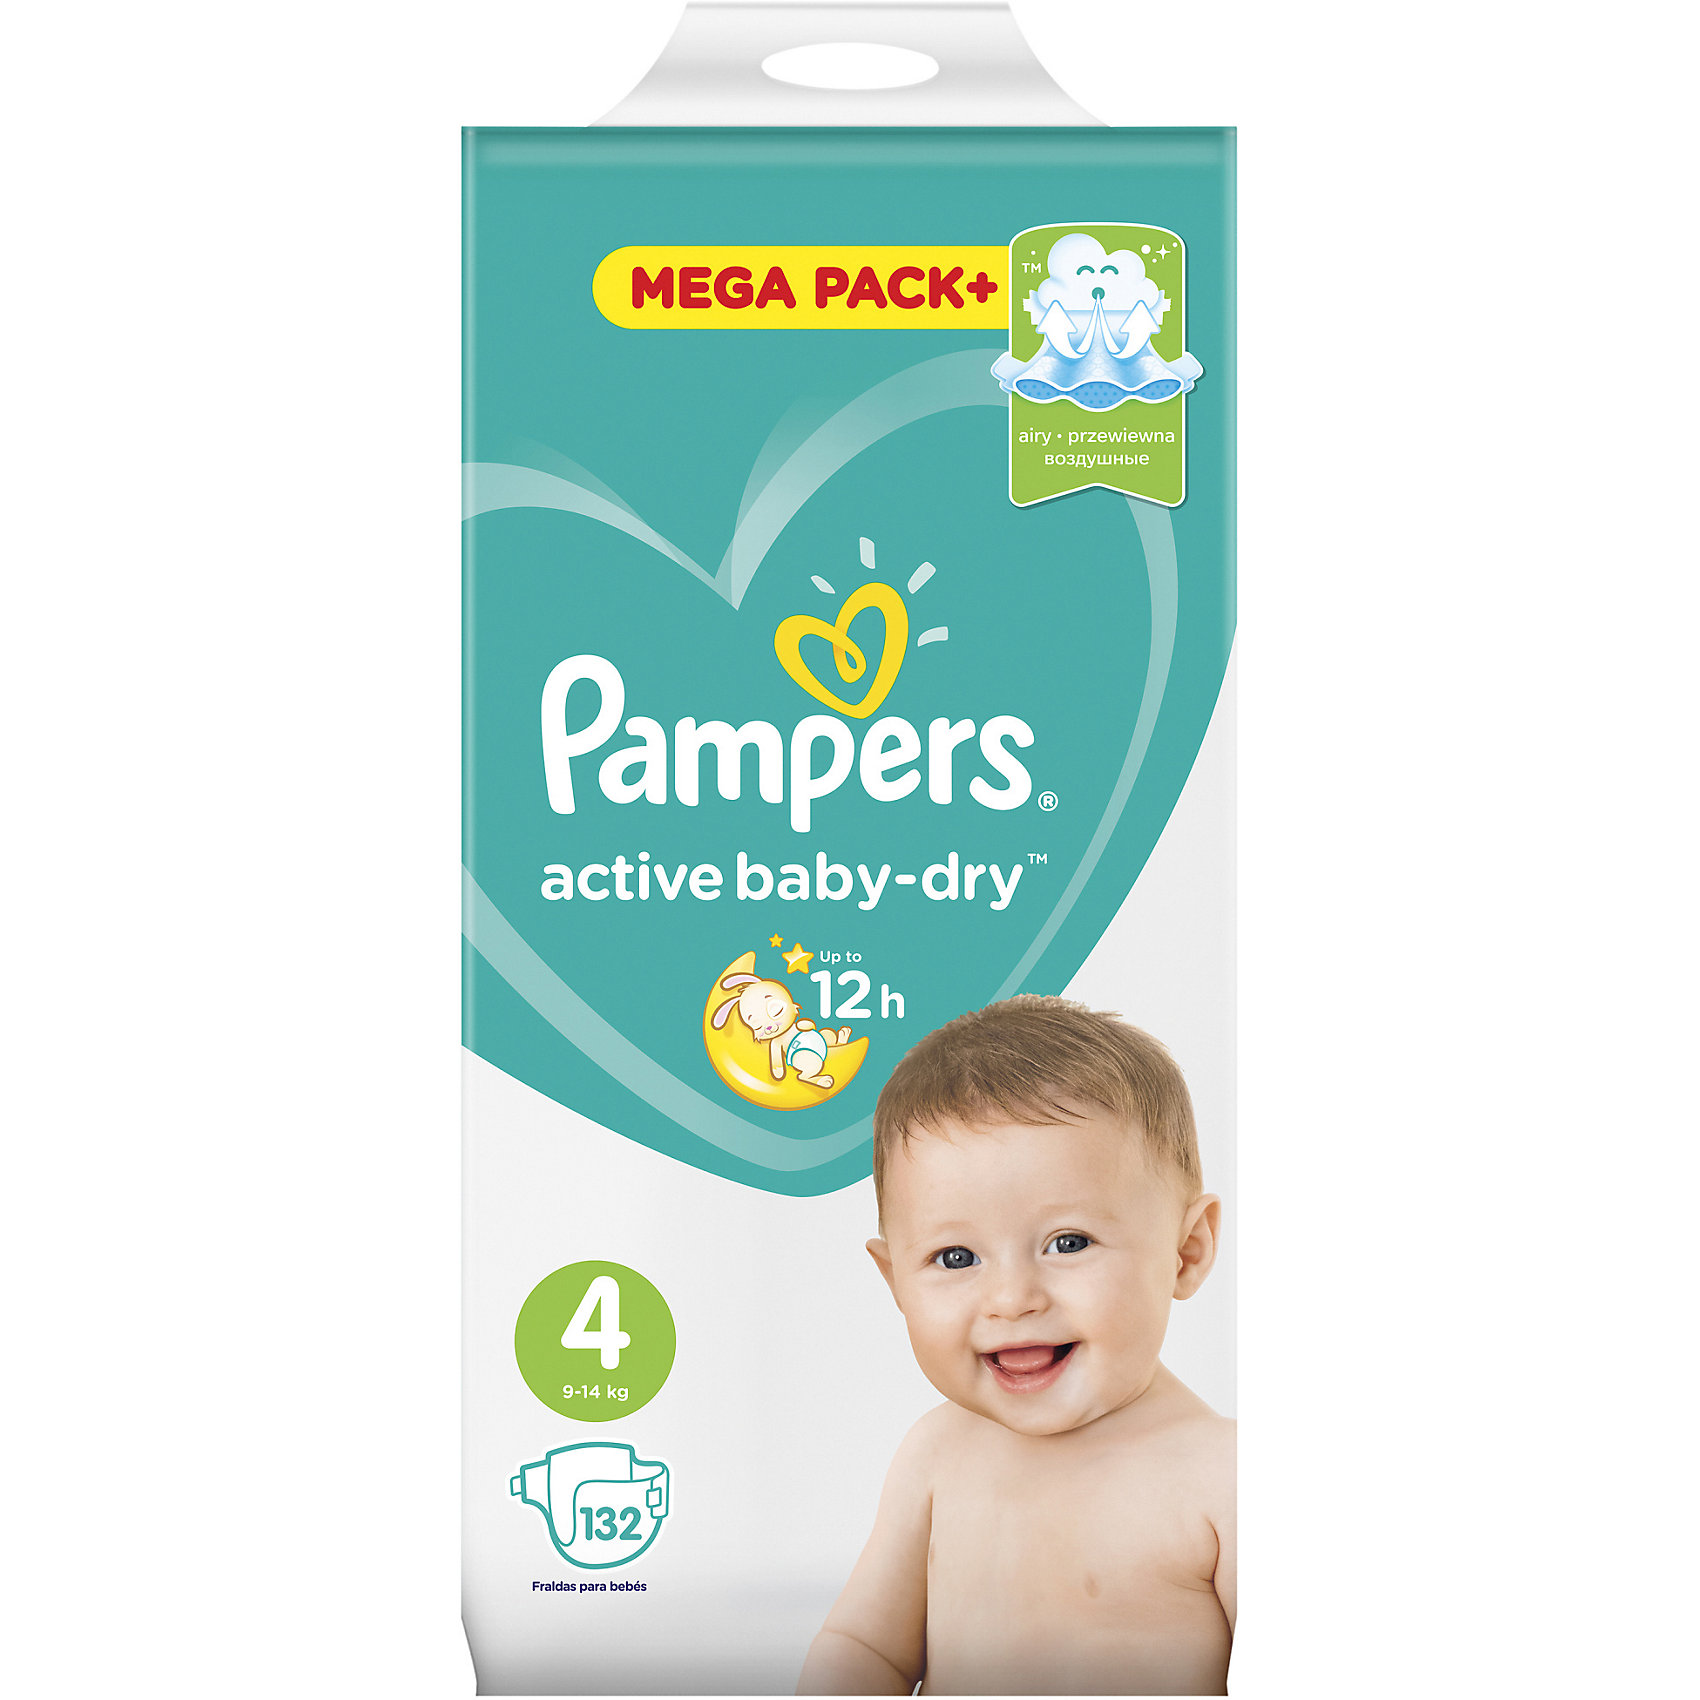 Подгузники Pampers Active Baby-Dry, 8-14 кг, 4 размер, 132 шт., PampersПодгузники 5-12 кг.<br>Характеристики:<br><br>• Пол: универсальный<br>• Тип подгузника: одноразовый<br>• Коллекция: Active Baby-Dry<br>• Предназначение: для использования в любое время суток <br>• Размер: 4<br>• Вес ребенка: от 8 до 14 кг<br>• Количество в упаковке: 132 шт.<br>• Упаковка: картонная коробка<br>• Размер упаковки: 37,3*23,6*38 см<br>• Вес в упаковке: 4 кг 686 г<br>• Эластичные застежки-липучки<br>• Быстро впитывающий слой<br>• Мягкий верхний слой<br>• Сохранение сухости в течение 12-ти часов<br><br>Подгузники Pampers Active Baby-Dry, 8-14 кг, 4 размер, 132 шт., Pampers – это линейка классических детских подгузников от Pampers, которая сочетает в себе качество и безопасность материалов, удобство использования и комфорт для нежной кожи малыша. Подгузники предназначены для младенцев весом до 14 кг. Инновационные технологии и современные материалы обеспечивают этим подгузникам Дышащие свойства, что особенно важно для кожи малыша. <br><br>Впитывающие свойства изделию обеспечивает уникальный слой, состоящий из жемчужных микрогранул. У подгузников предусмотрена эластичная мягкая резиночка на спинке. Широкие липучки с двух сторон обеспечивают надежную фиксацию. Подгузник имеет мягкий верхний слой, который обеспечивает не только комфорт, но и защищает кожу ребенка от раздражений. Подгузник подходит как для мальчиков, так и для девочек. <br><br>Подгузники Pampers Active Baby-Dry, 8-14 кг, 4 размер, 132 шт., Pampers можно купить в нашем интернет-магазине.<br><br>Ширина мм: 373<br>Глубина мм: 236<br>Высота мм: 380<br>Вес г: 4686<br>Возраст от месяцев: 6<br>Возраст до месяцев: 24<br>Пол: Унисекс<br>Возраст: Детский<br>SKU: 5419088